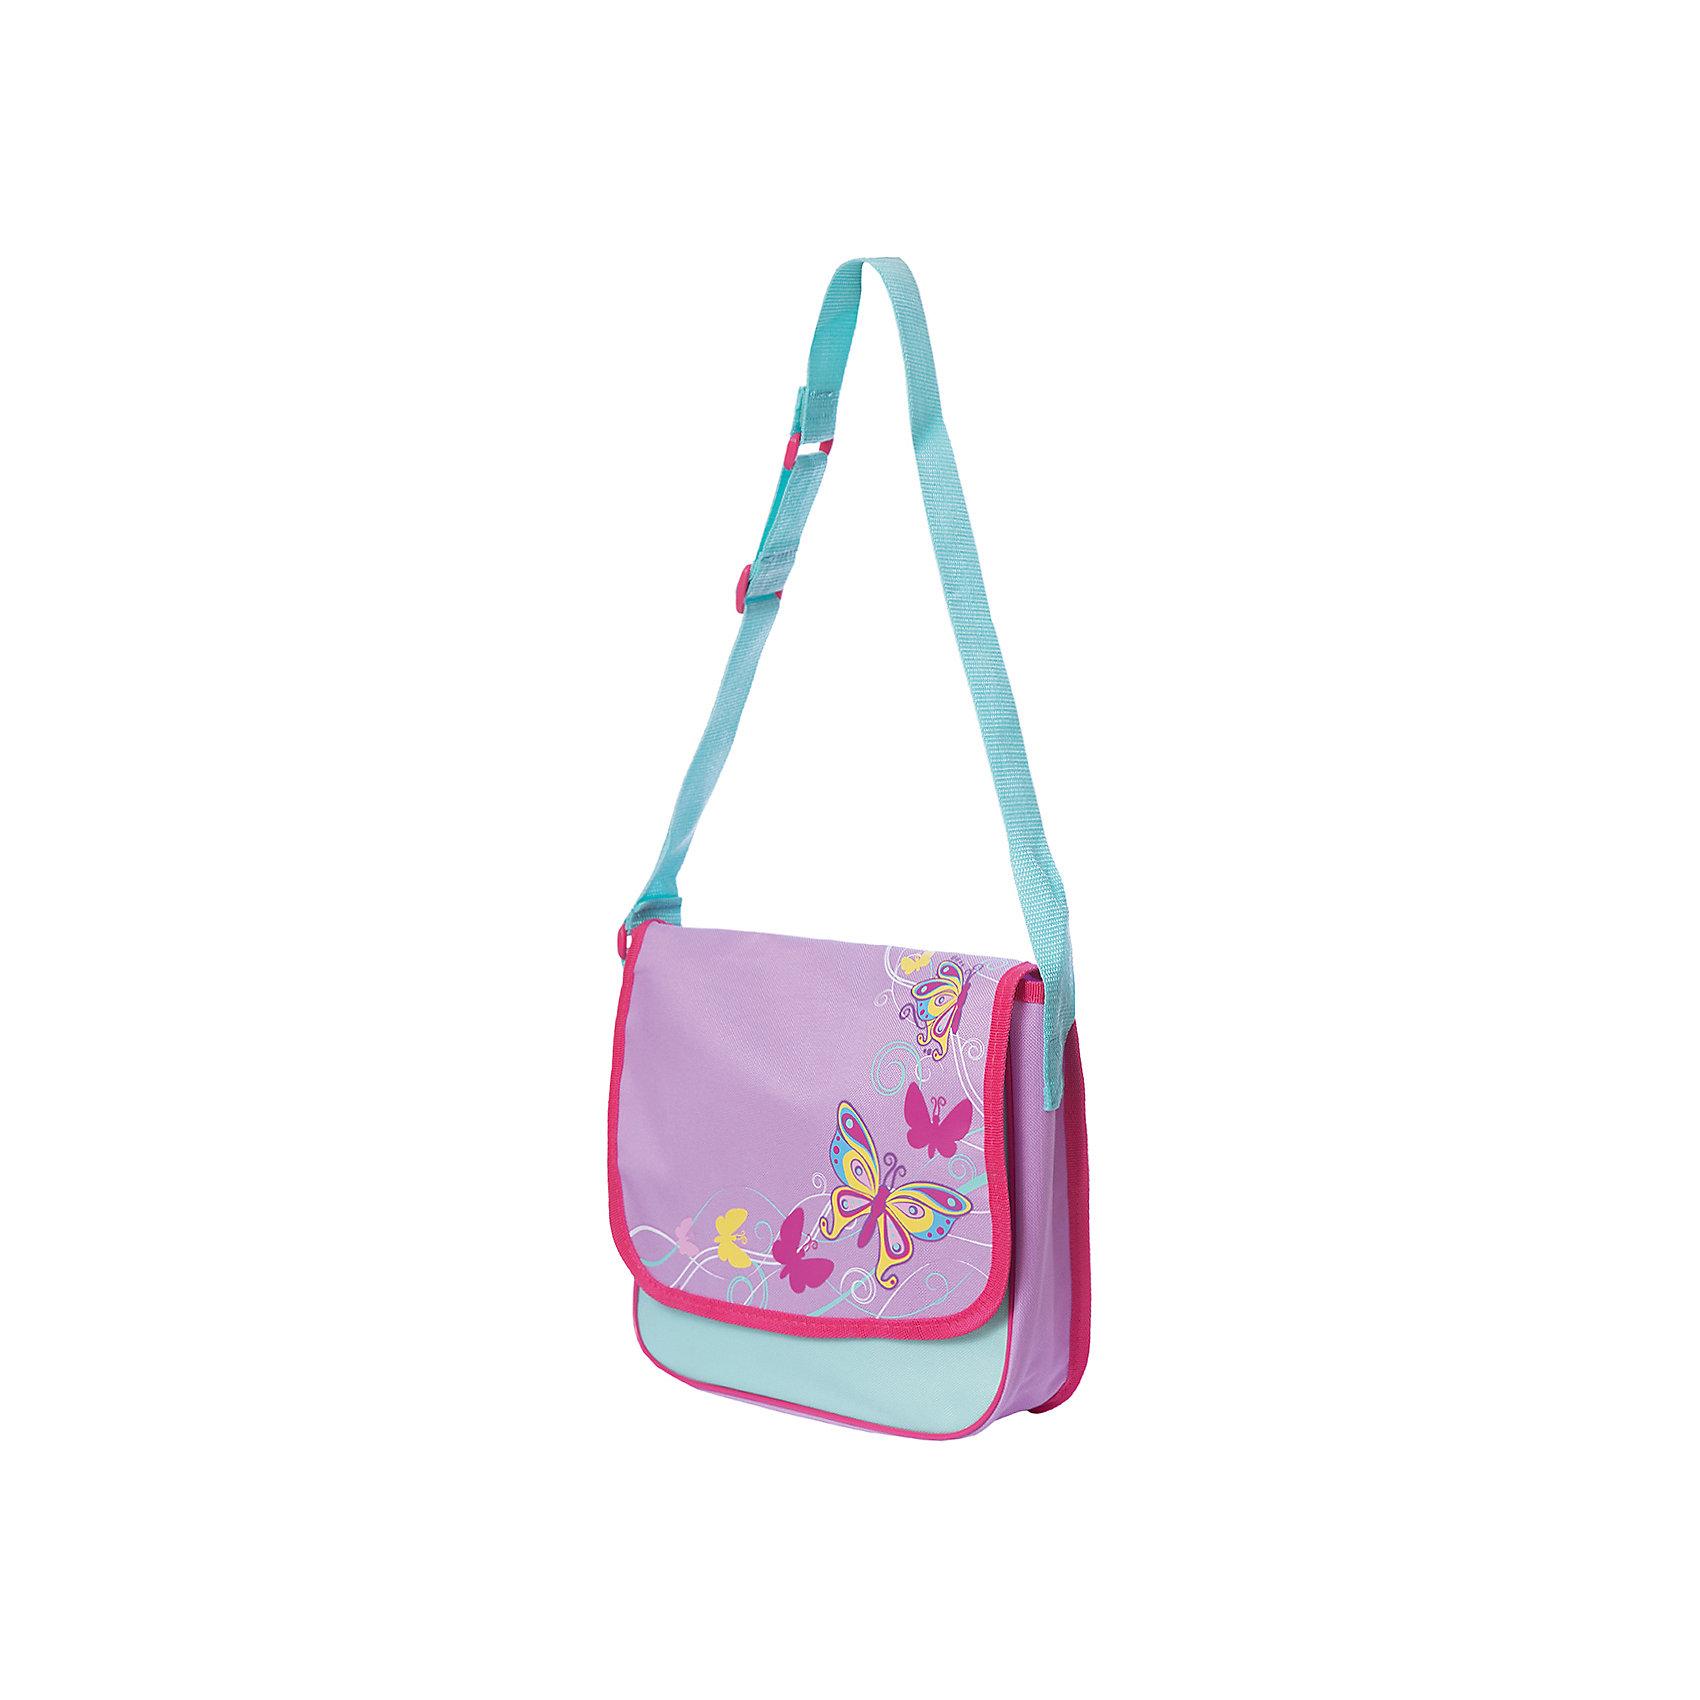 Сумка Бабочки 30*8*24 см.Бабочки - это сумочка для девочек от компании Mary Poppins с одной наплечной лямкой и клапаном. Клапан с лицевой стороны украшен ярким принтом с крупными разноцветными бабочками. Стильная сумка достаточно вместительна, чтобы девочке было удобно носить в ней личные вещи, гаджеты, школьные принадлежности и предметы одежды. Интересное сочетание цветов и современный дизайн сумки обязательно привлекут внимание юных модниц.<br>Лидеры продаж Сумки<br><br>Ширина мм: 300<br>Глубина мм: 240<br>Высота мм: 800<br>Вес г: 168<br>Возраст от месяцев: 276<br>Возраст до месяцев: 2147483647<br>Пол: Женский<br>Возраст: Детский<br>SKU: 5508549